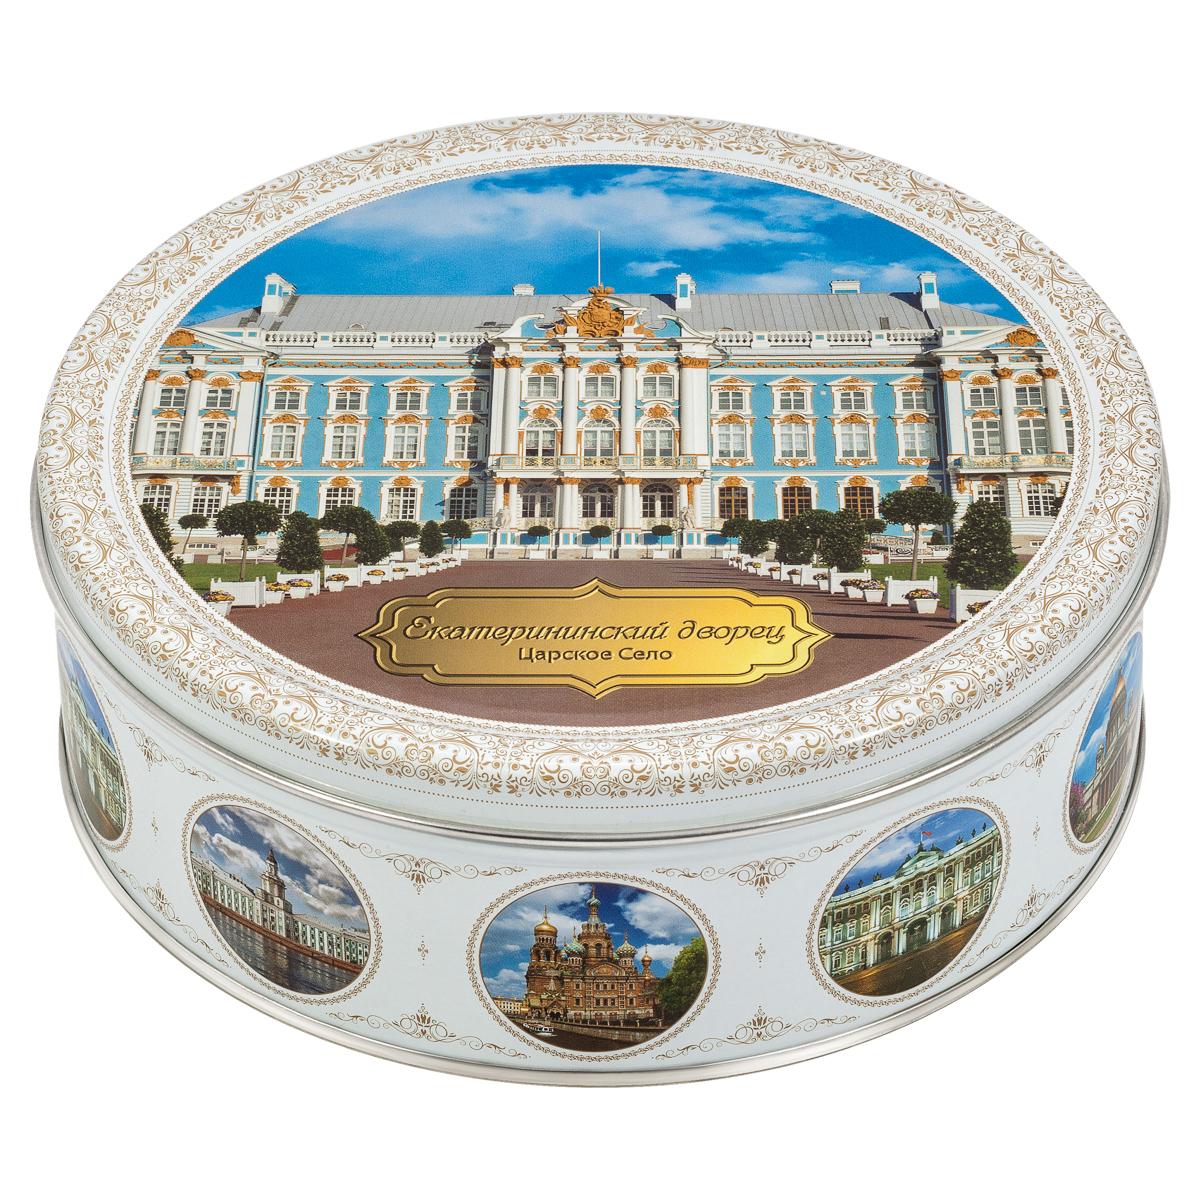 Monte Christo Санкт-Петербург. Екатерининский дворец печенье со сливочным маслом, 400 г сладкая сказка печенье дед мороз и снегурочка 400 г